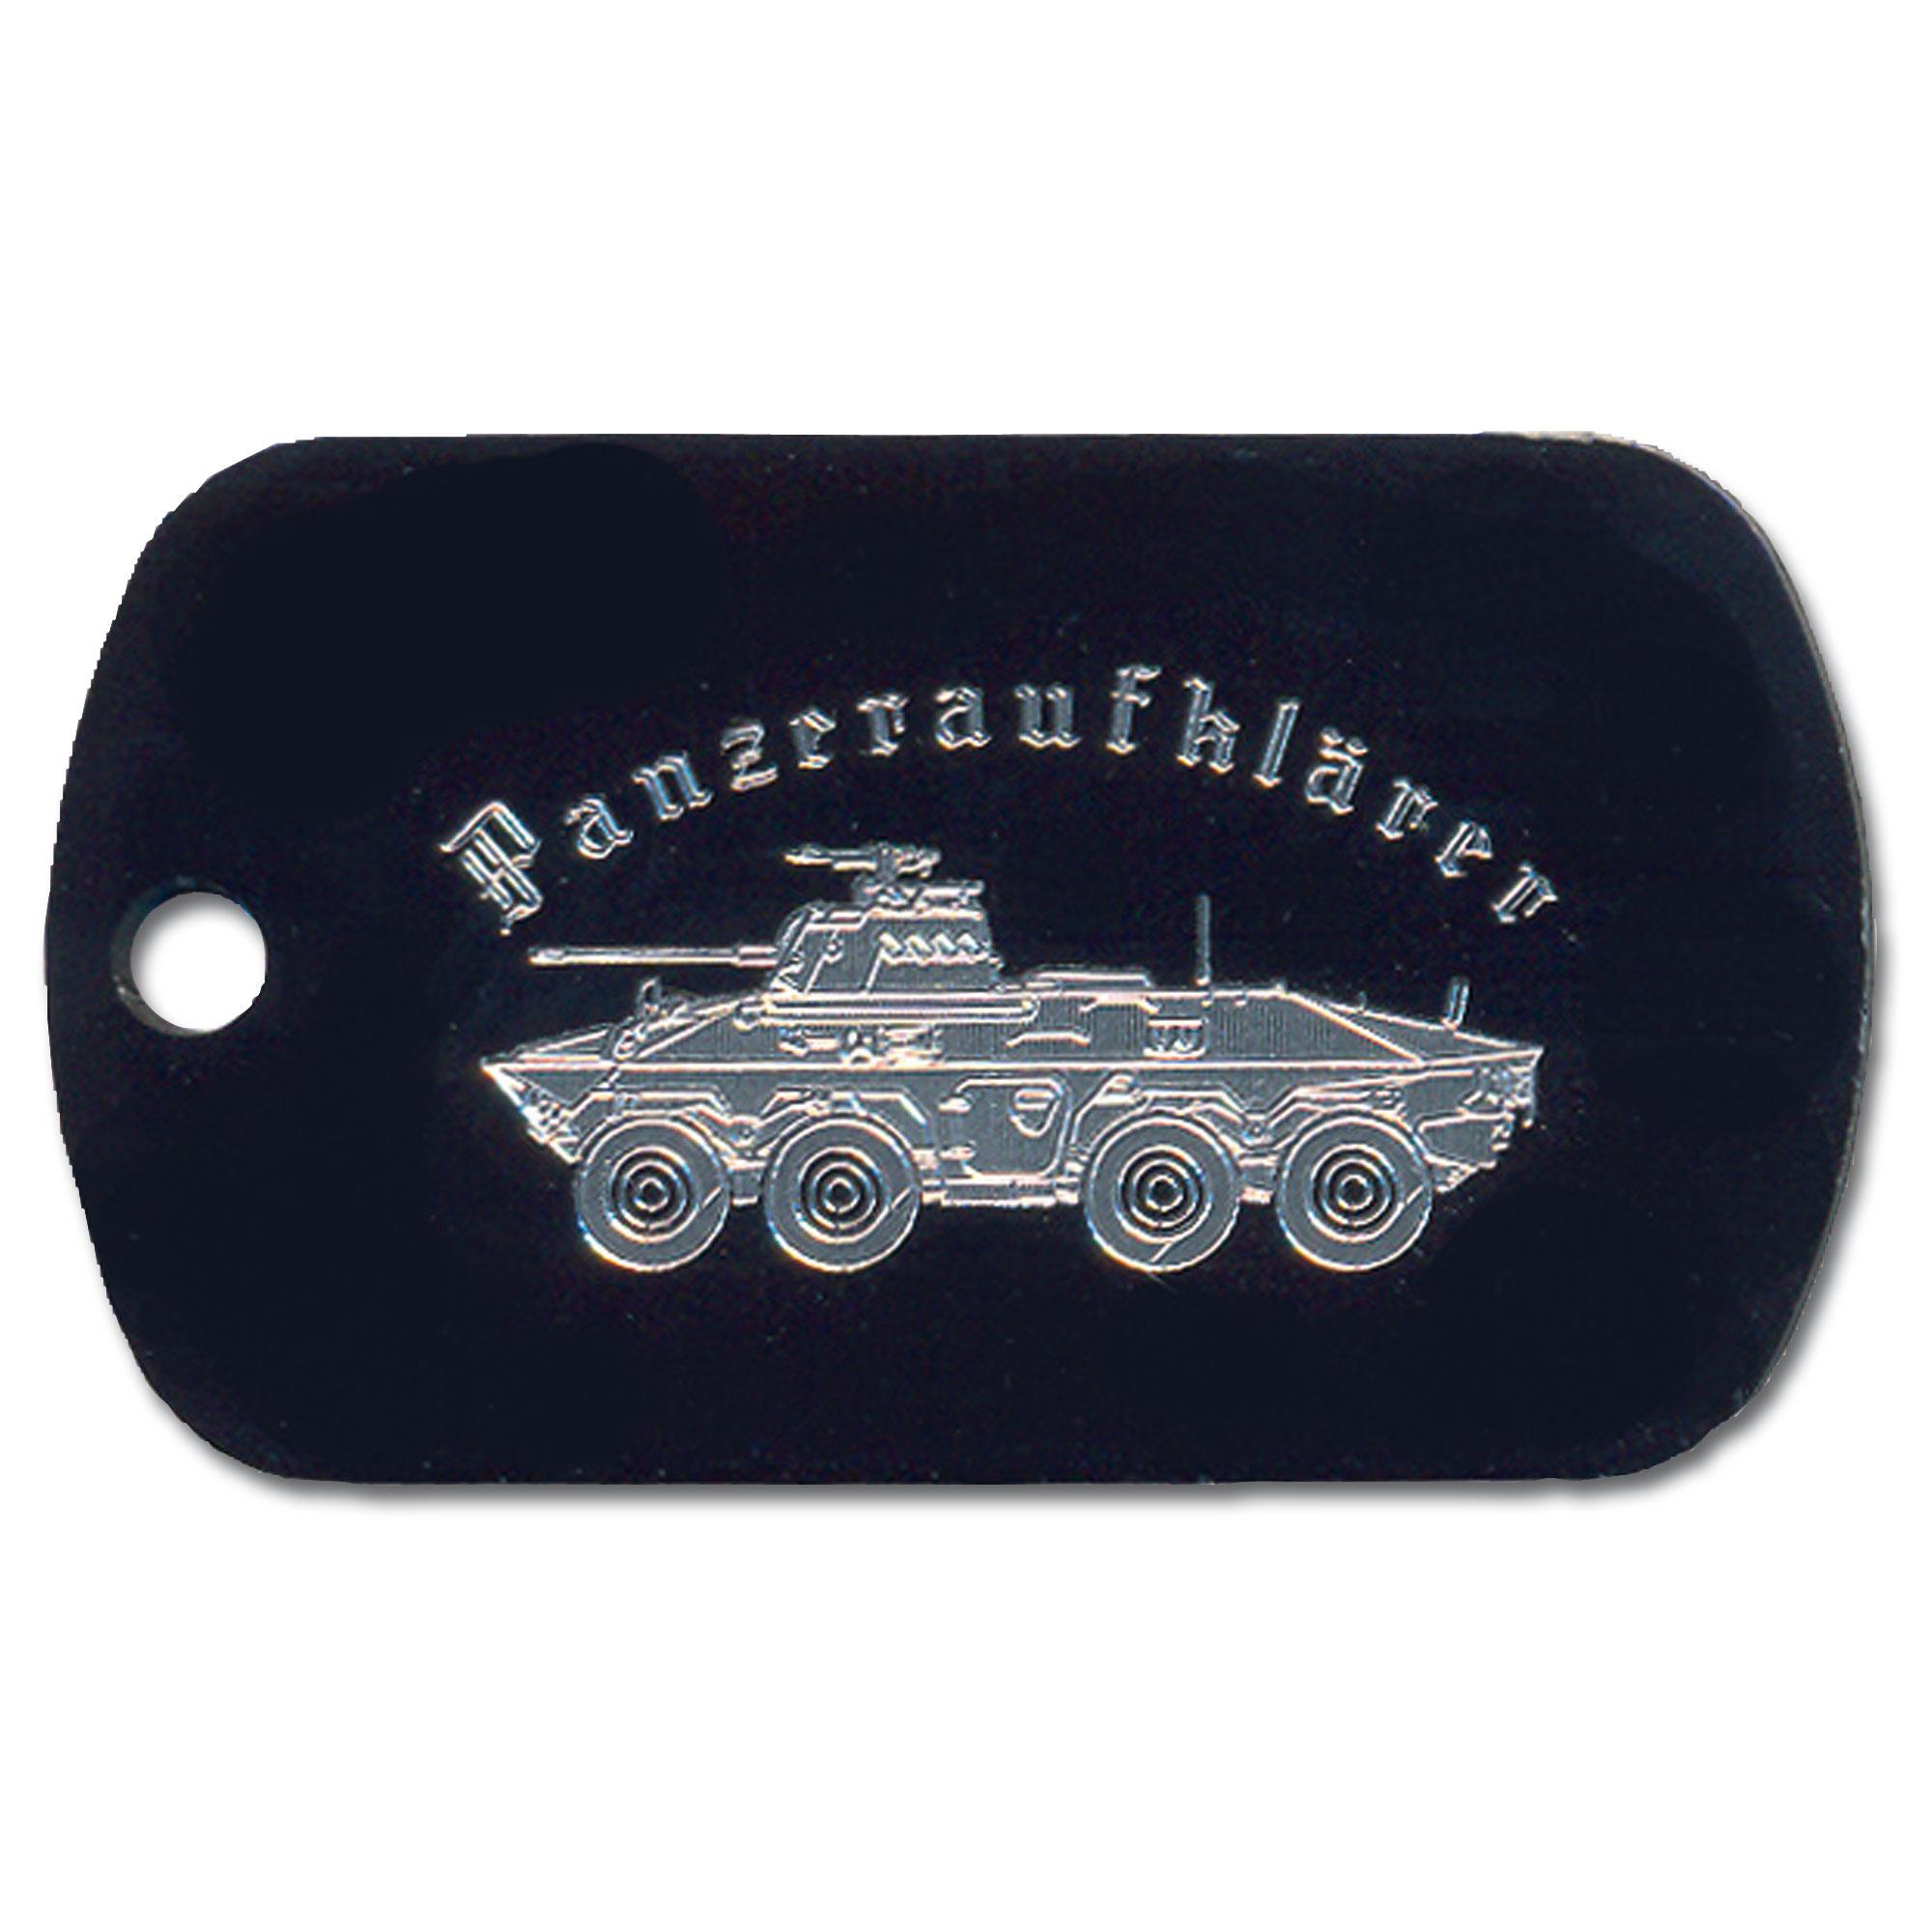 Erkennungsmarke mit Gravur Panzeraufklärer